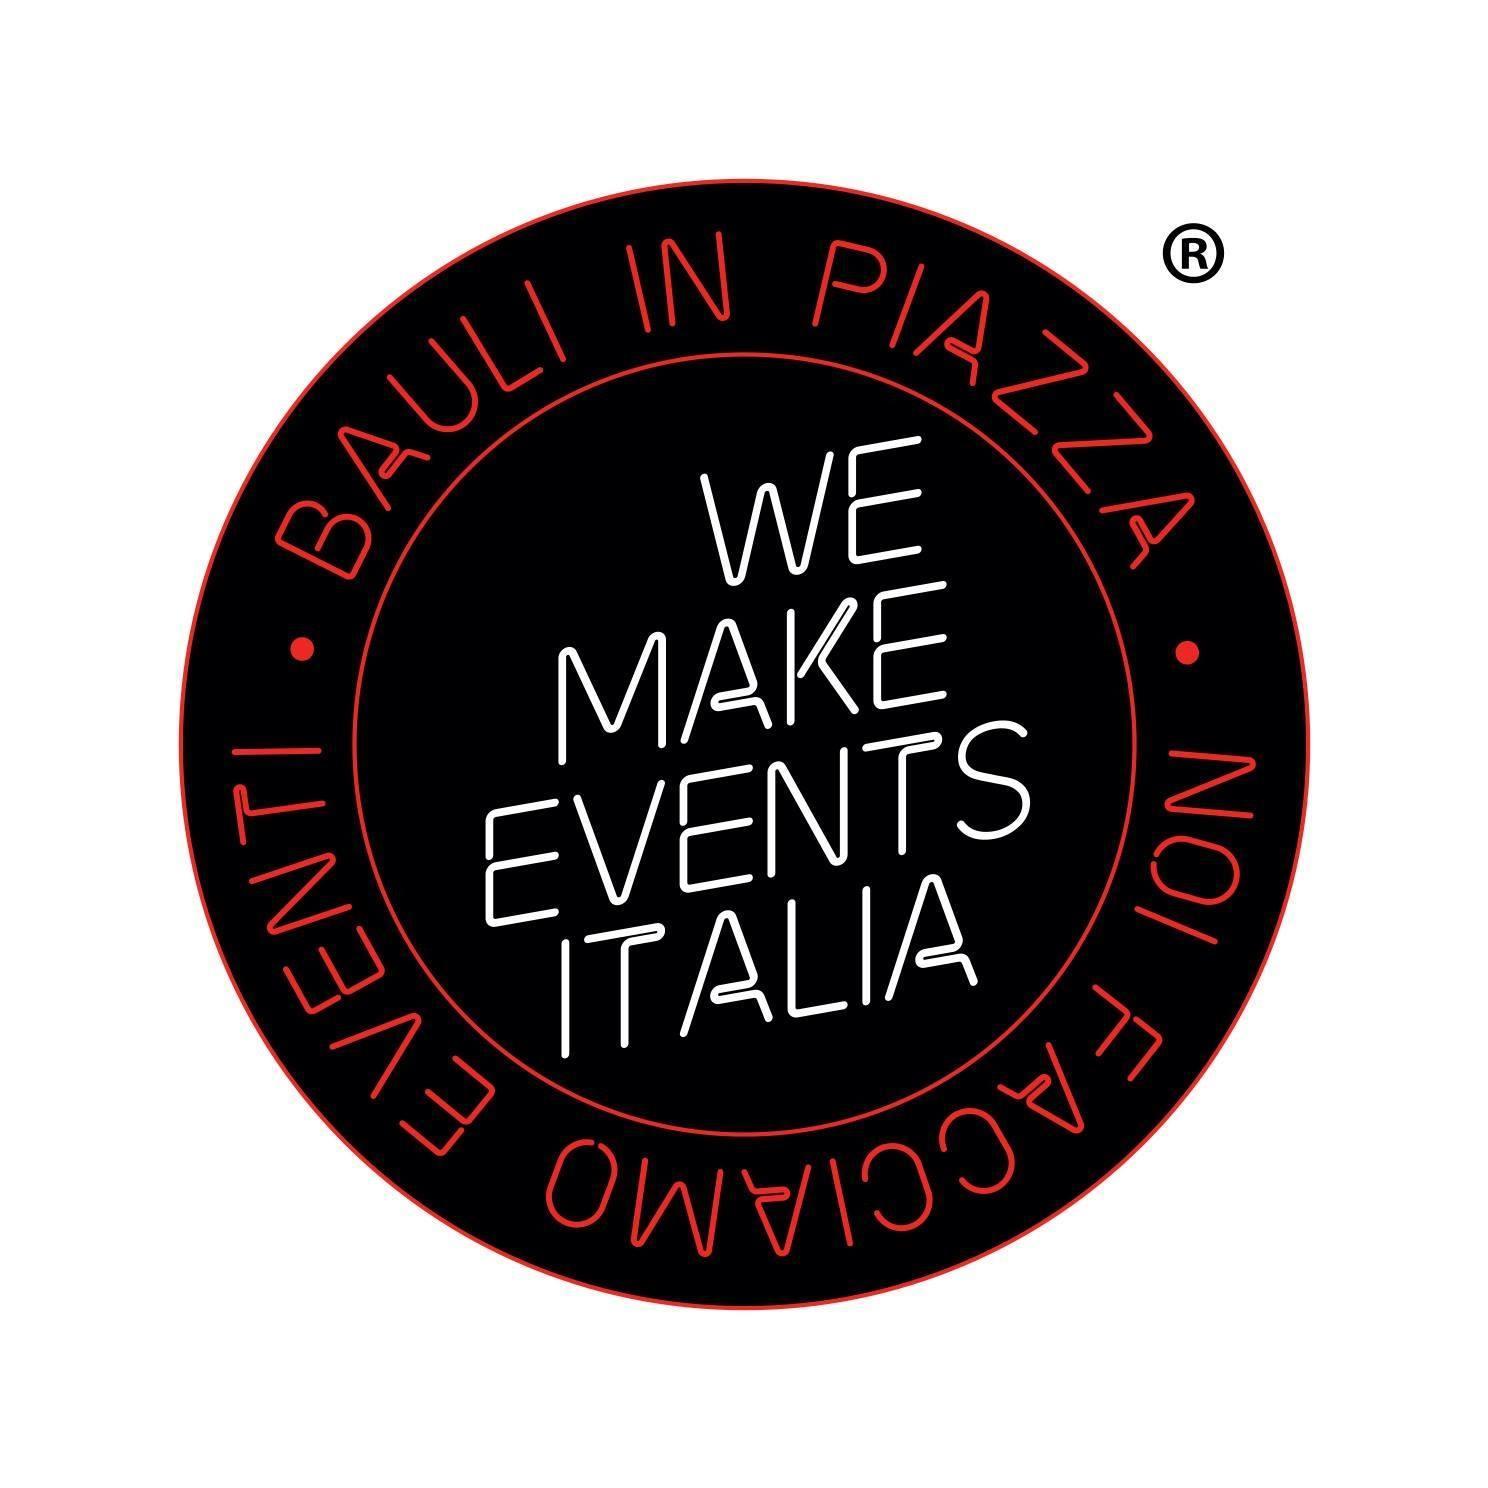 <p>Silvia Comand - Bauli in Piazza</p>